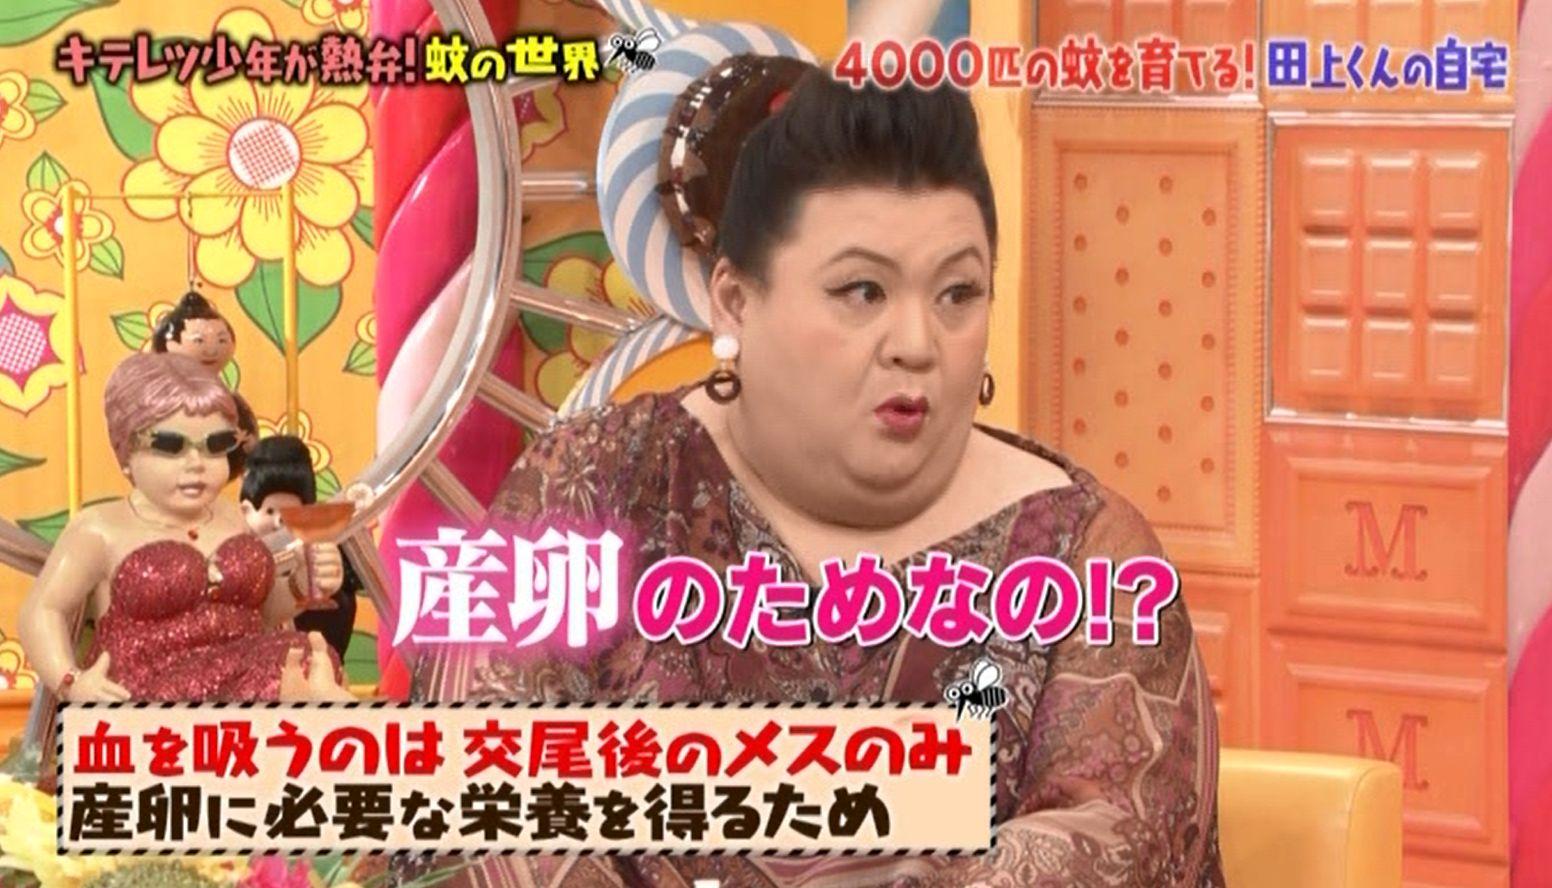 マツコの知らない蚊の世界 ゲスト:田上大喜さん